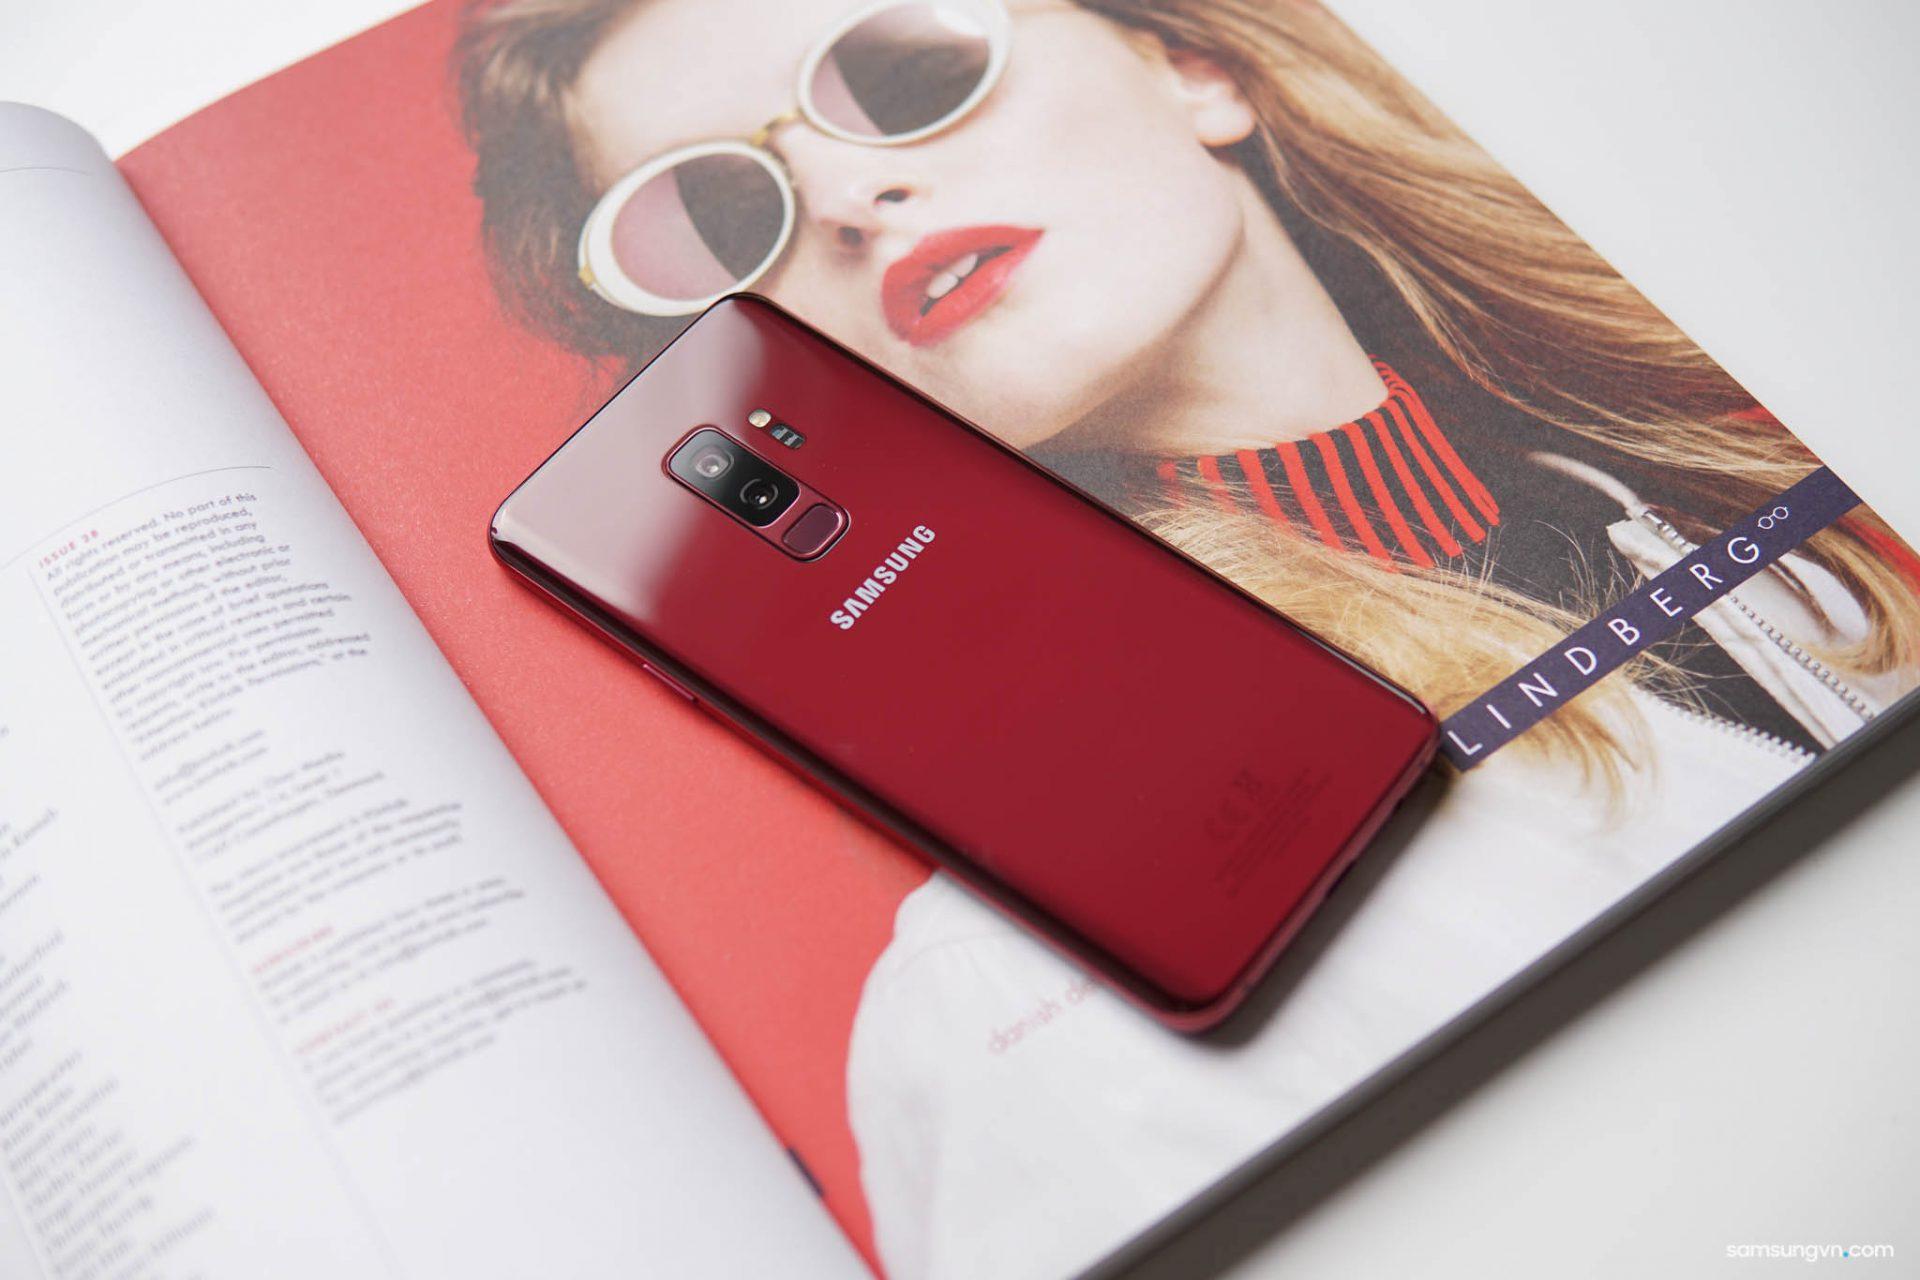 Mở hộp Galaxy S9+ Vang đỏ chính hãng Việt Nam: phiên bản đặc biệt cho mùa Lễ hội